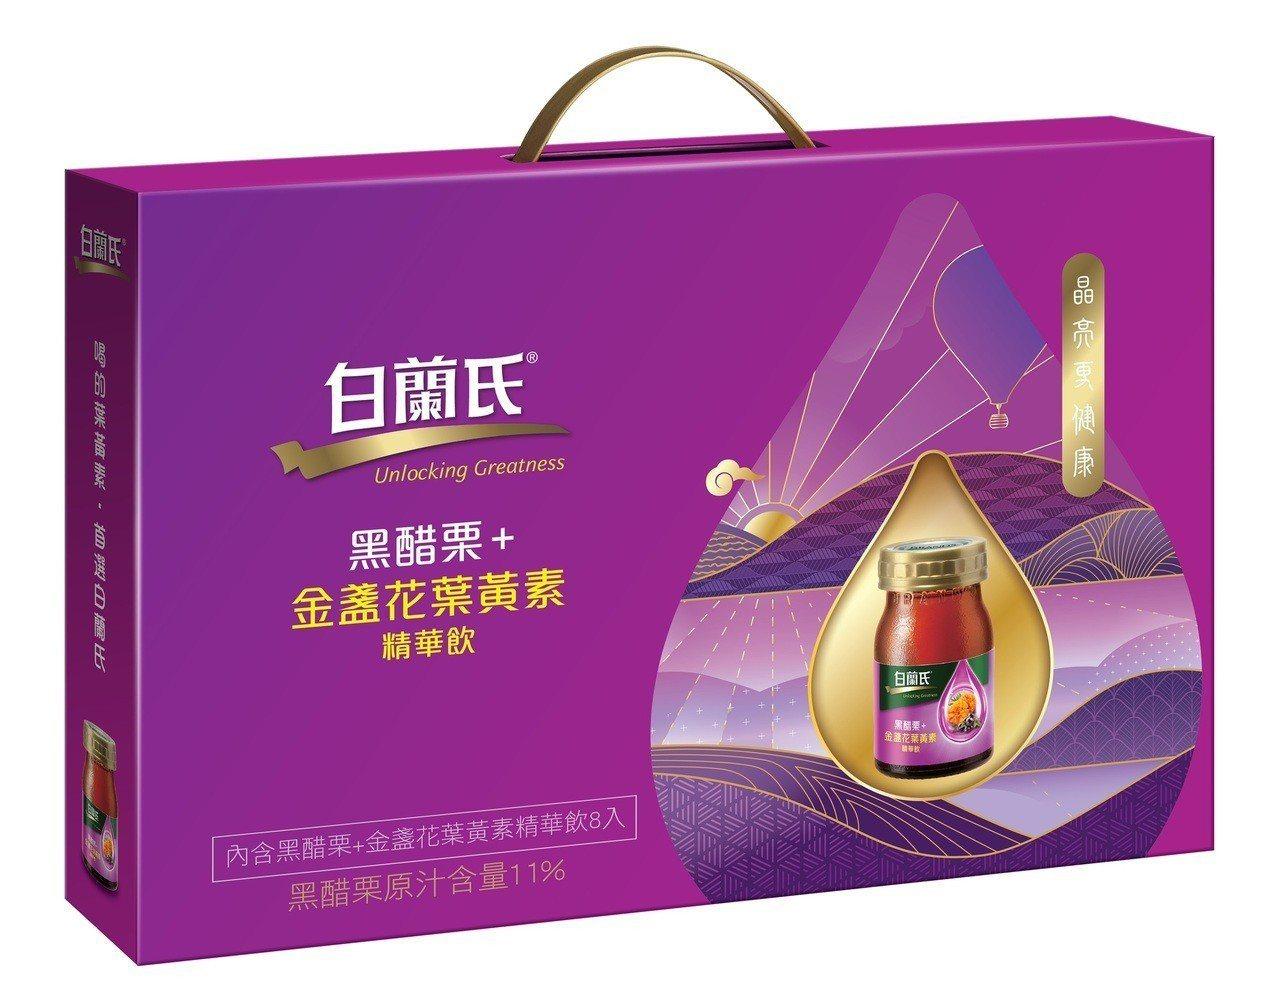 白蘭氏葉黃素精華飲能為全家的晶亮保健把關,更是跨年追劇的良伴。圖/白蘭氏提供